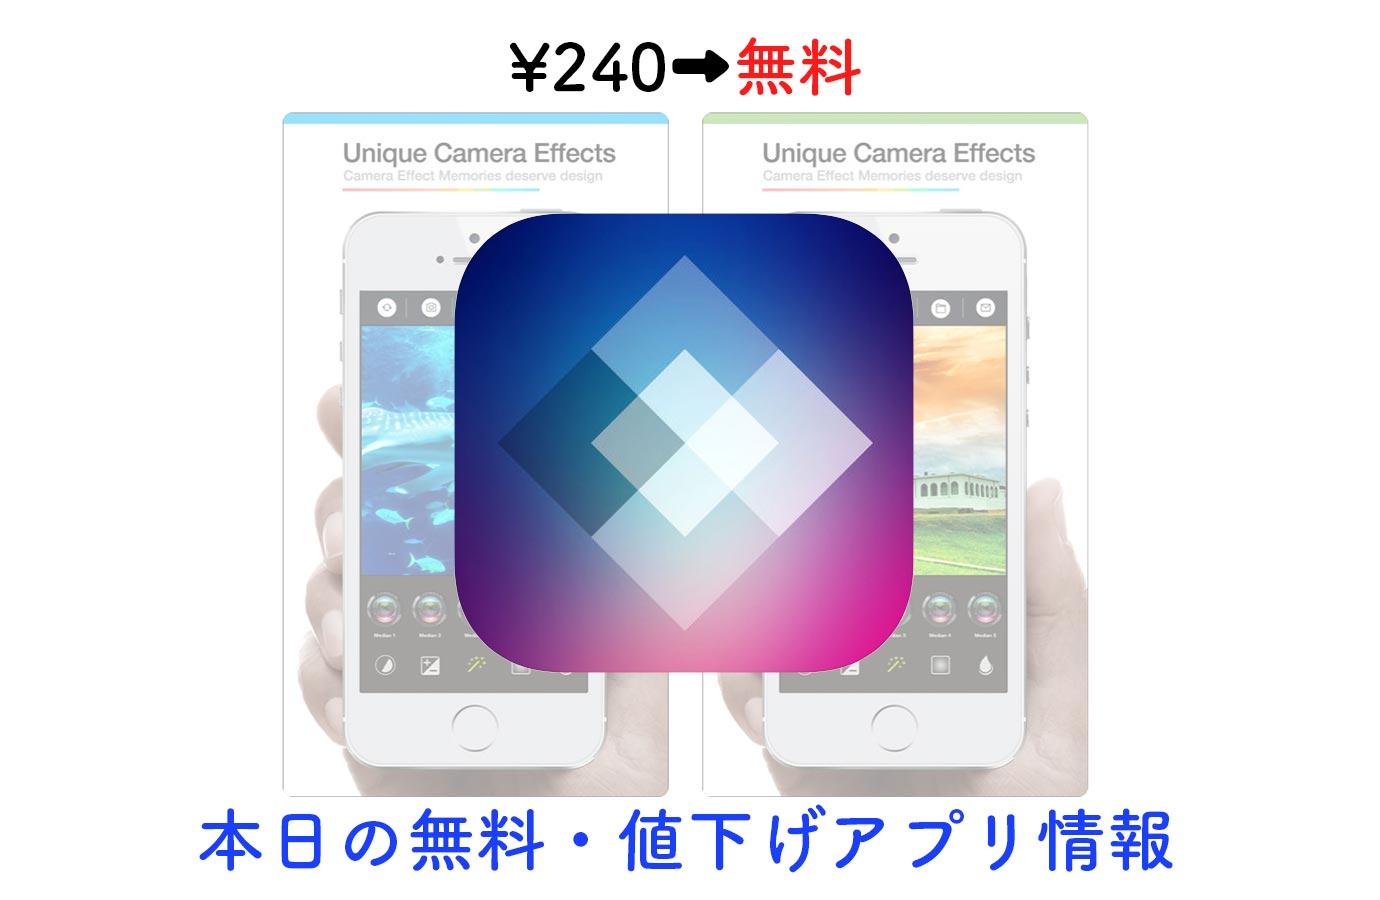 240円→無料、高機能写真加工アプリ「Perfect Studio」など【4/21】セールアプリ情報